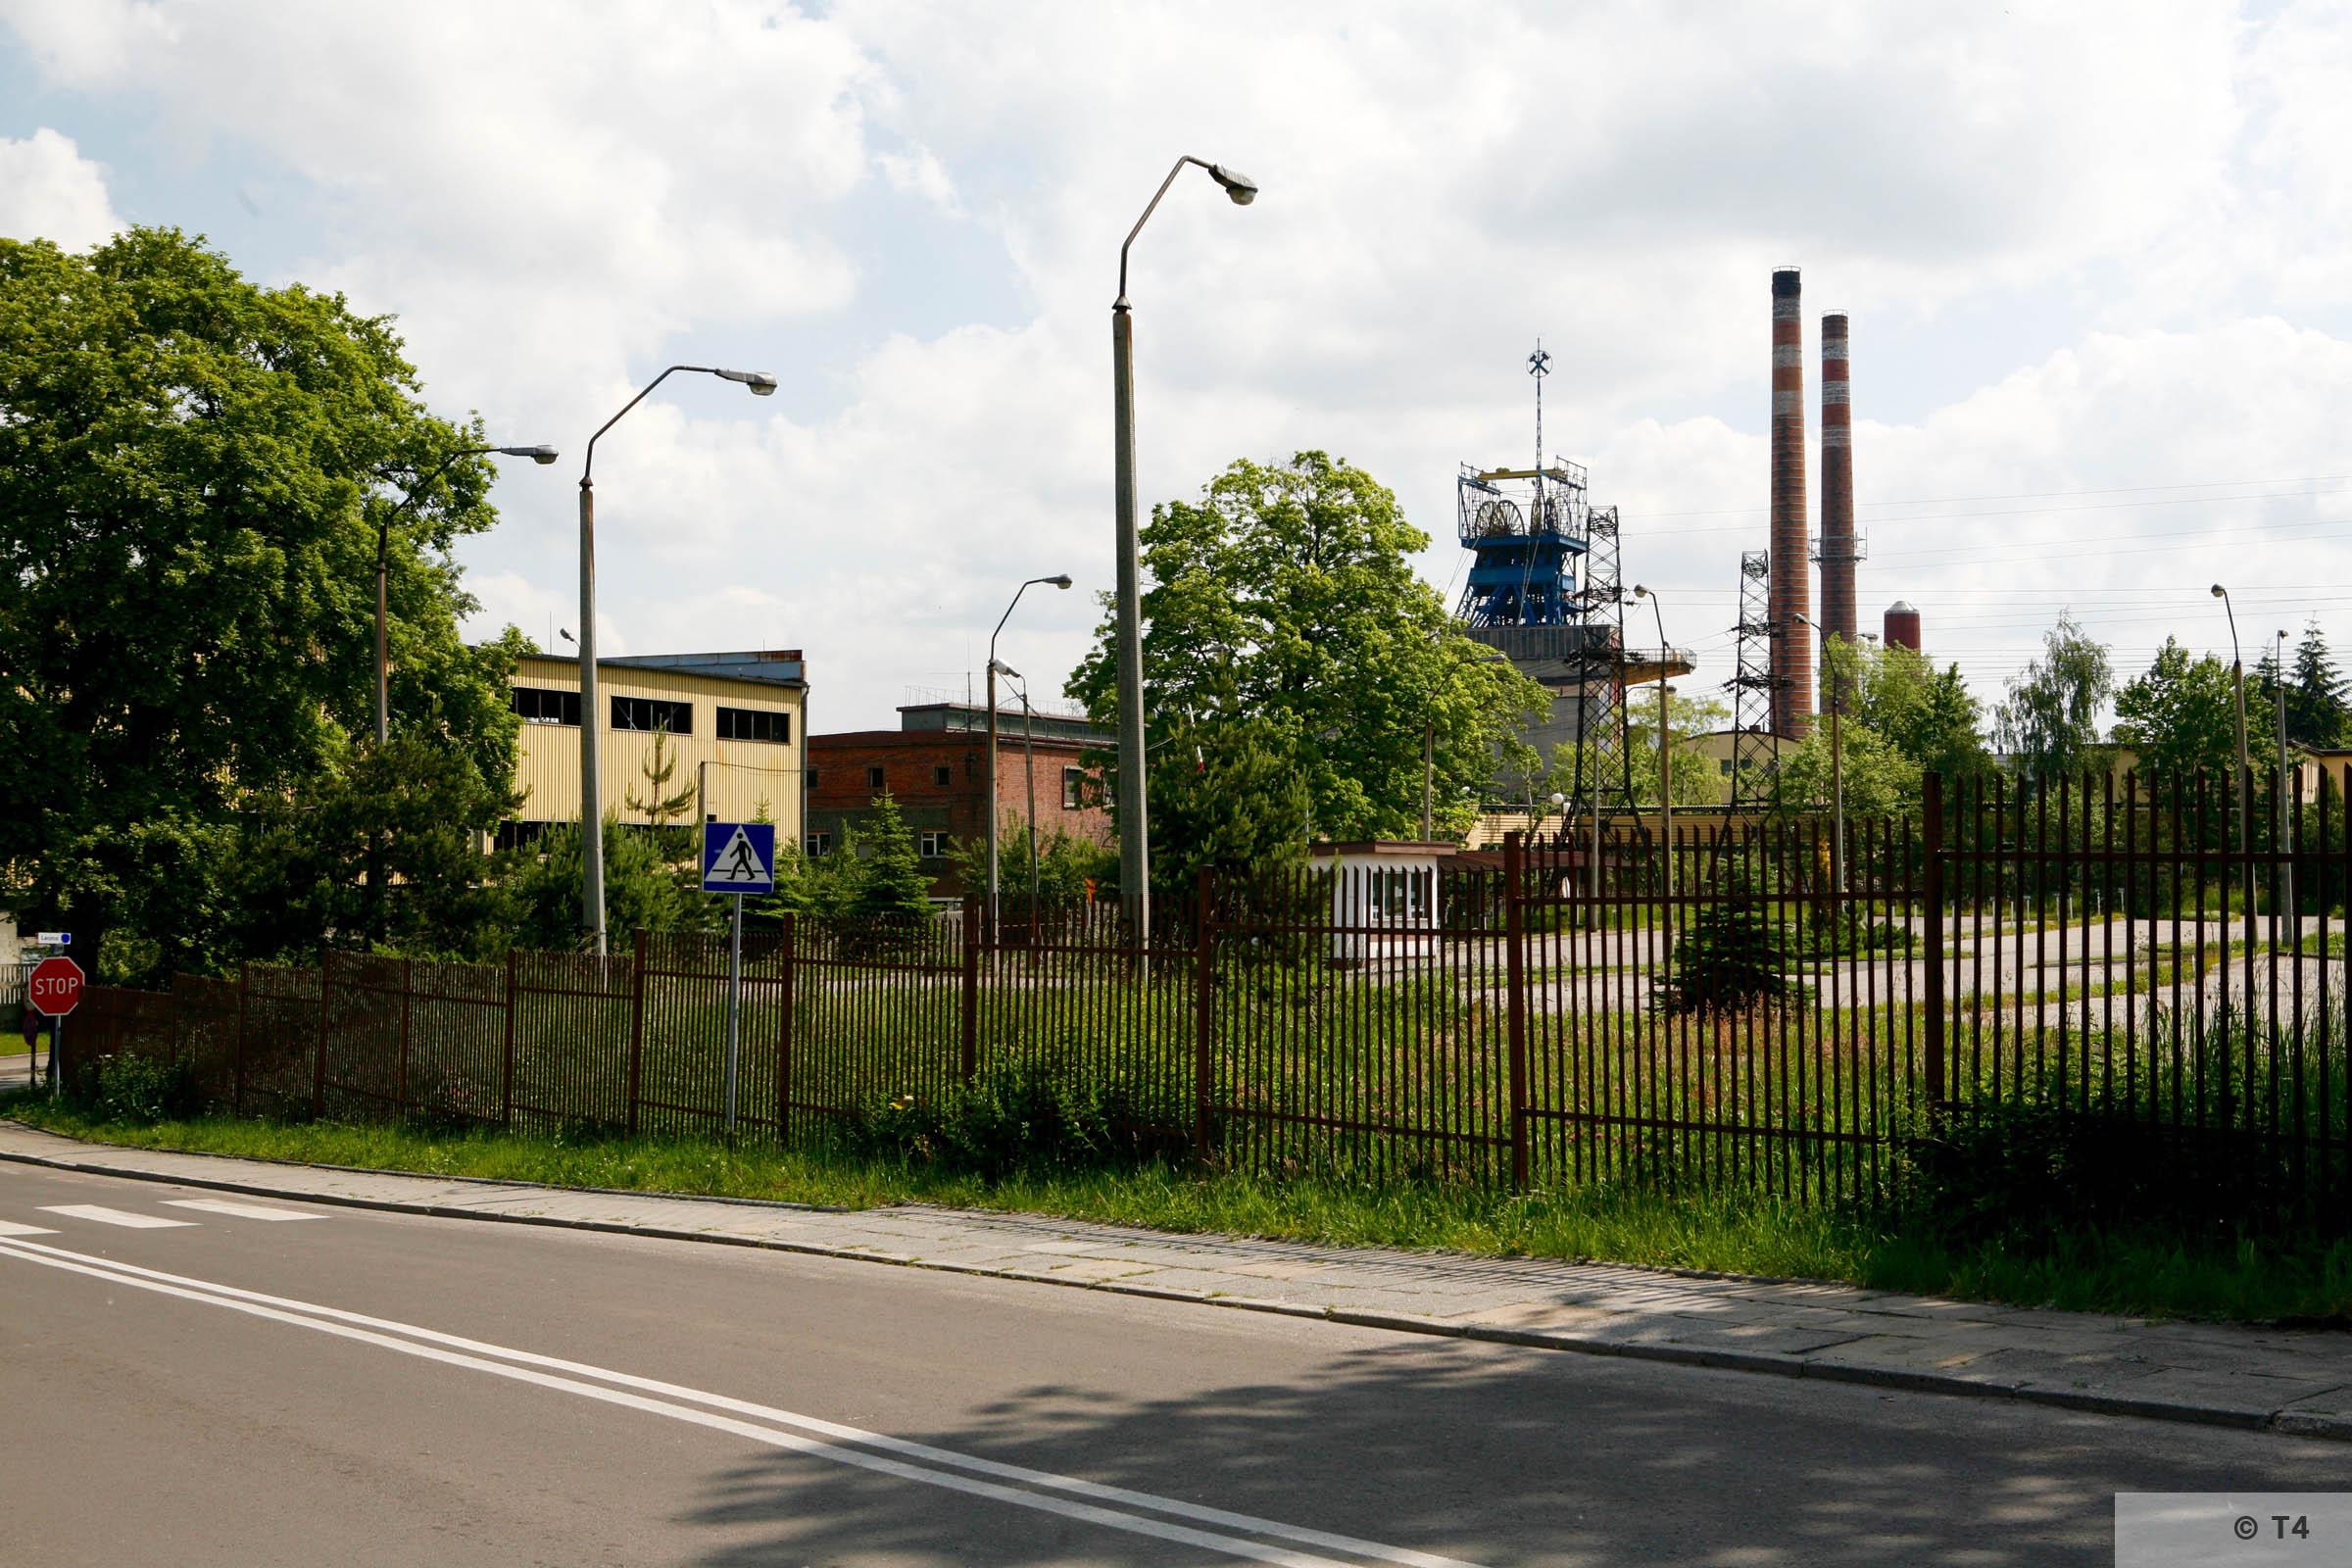 Rydultowy mine. 2006 T4 6519